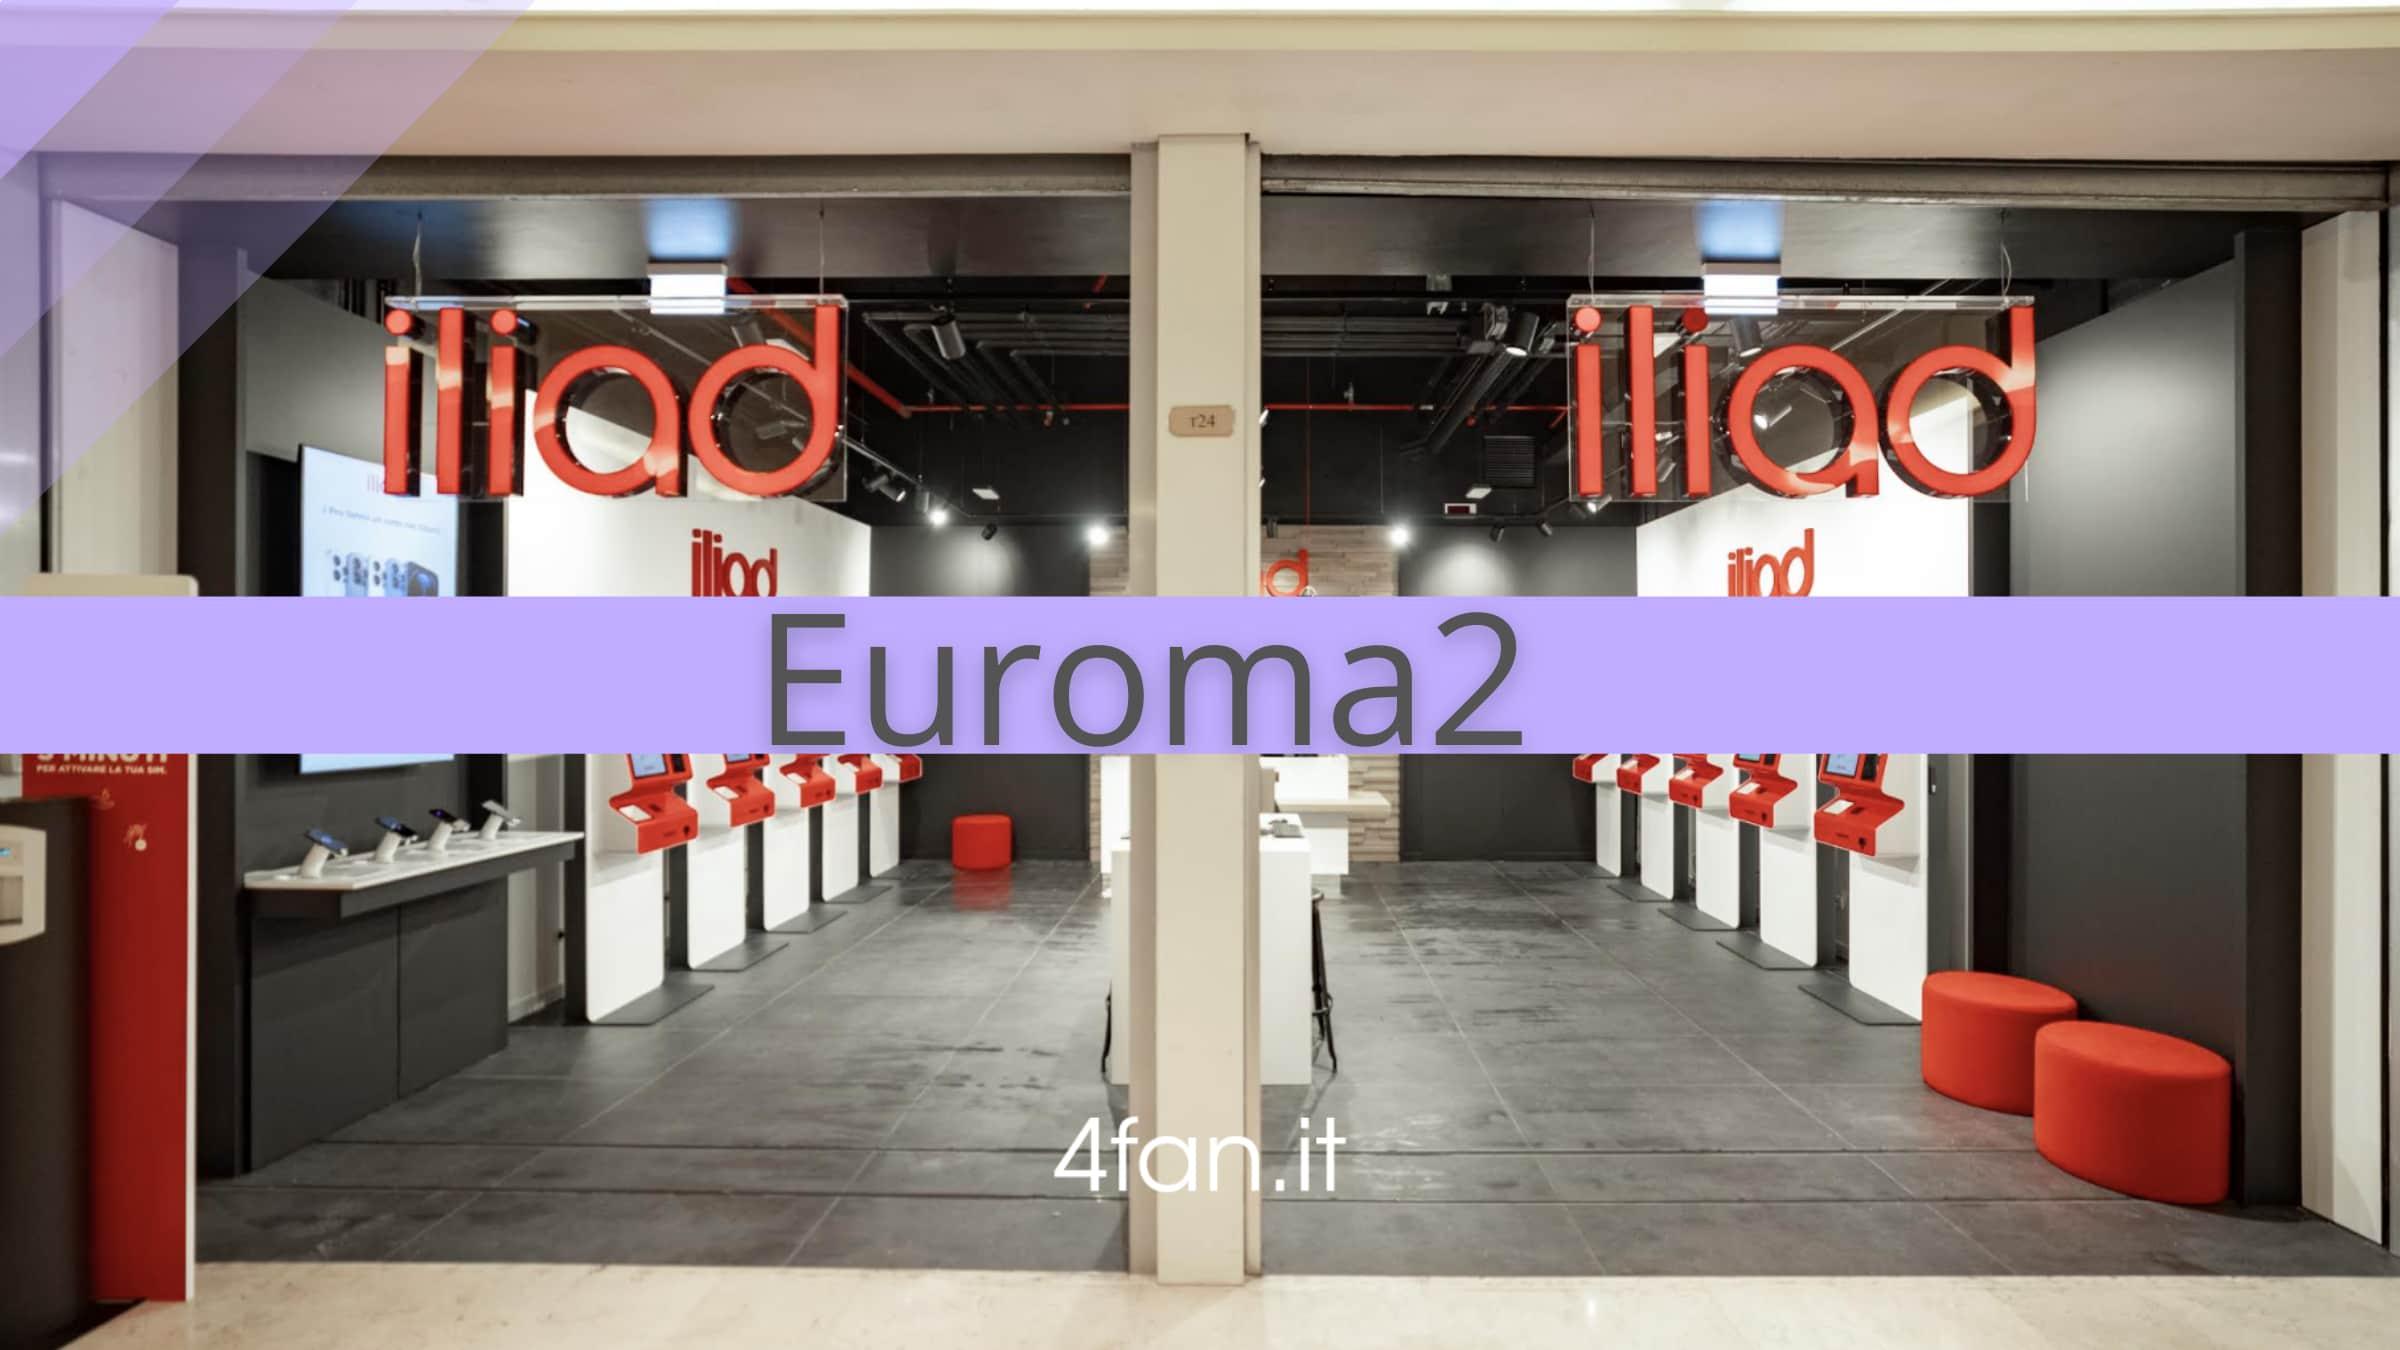 Iliad Euroma2